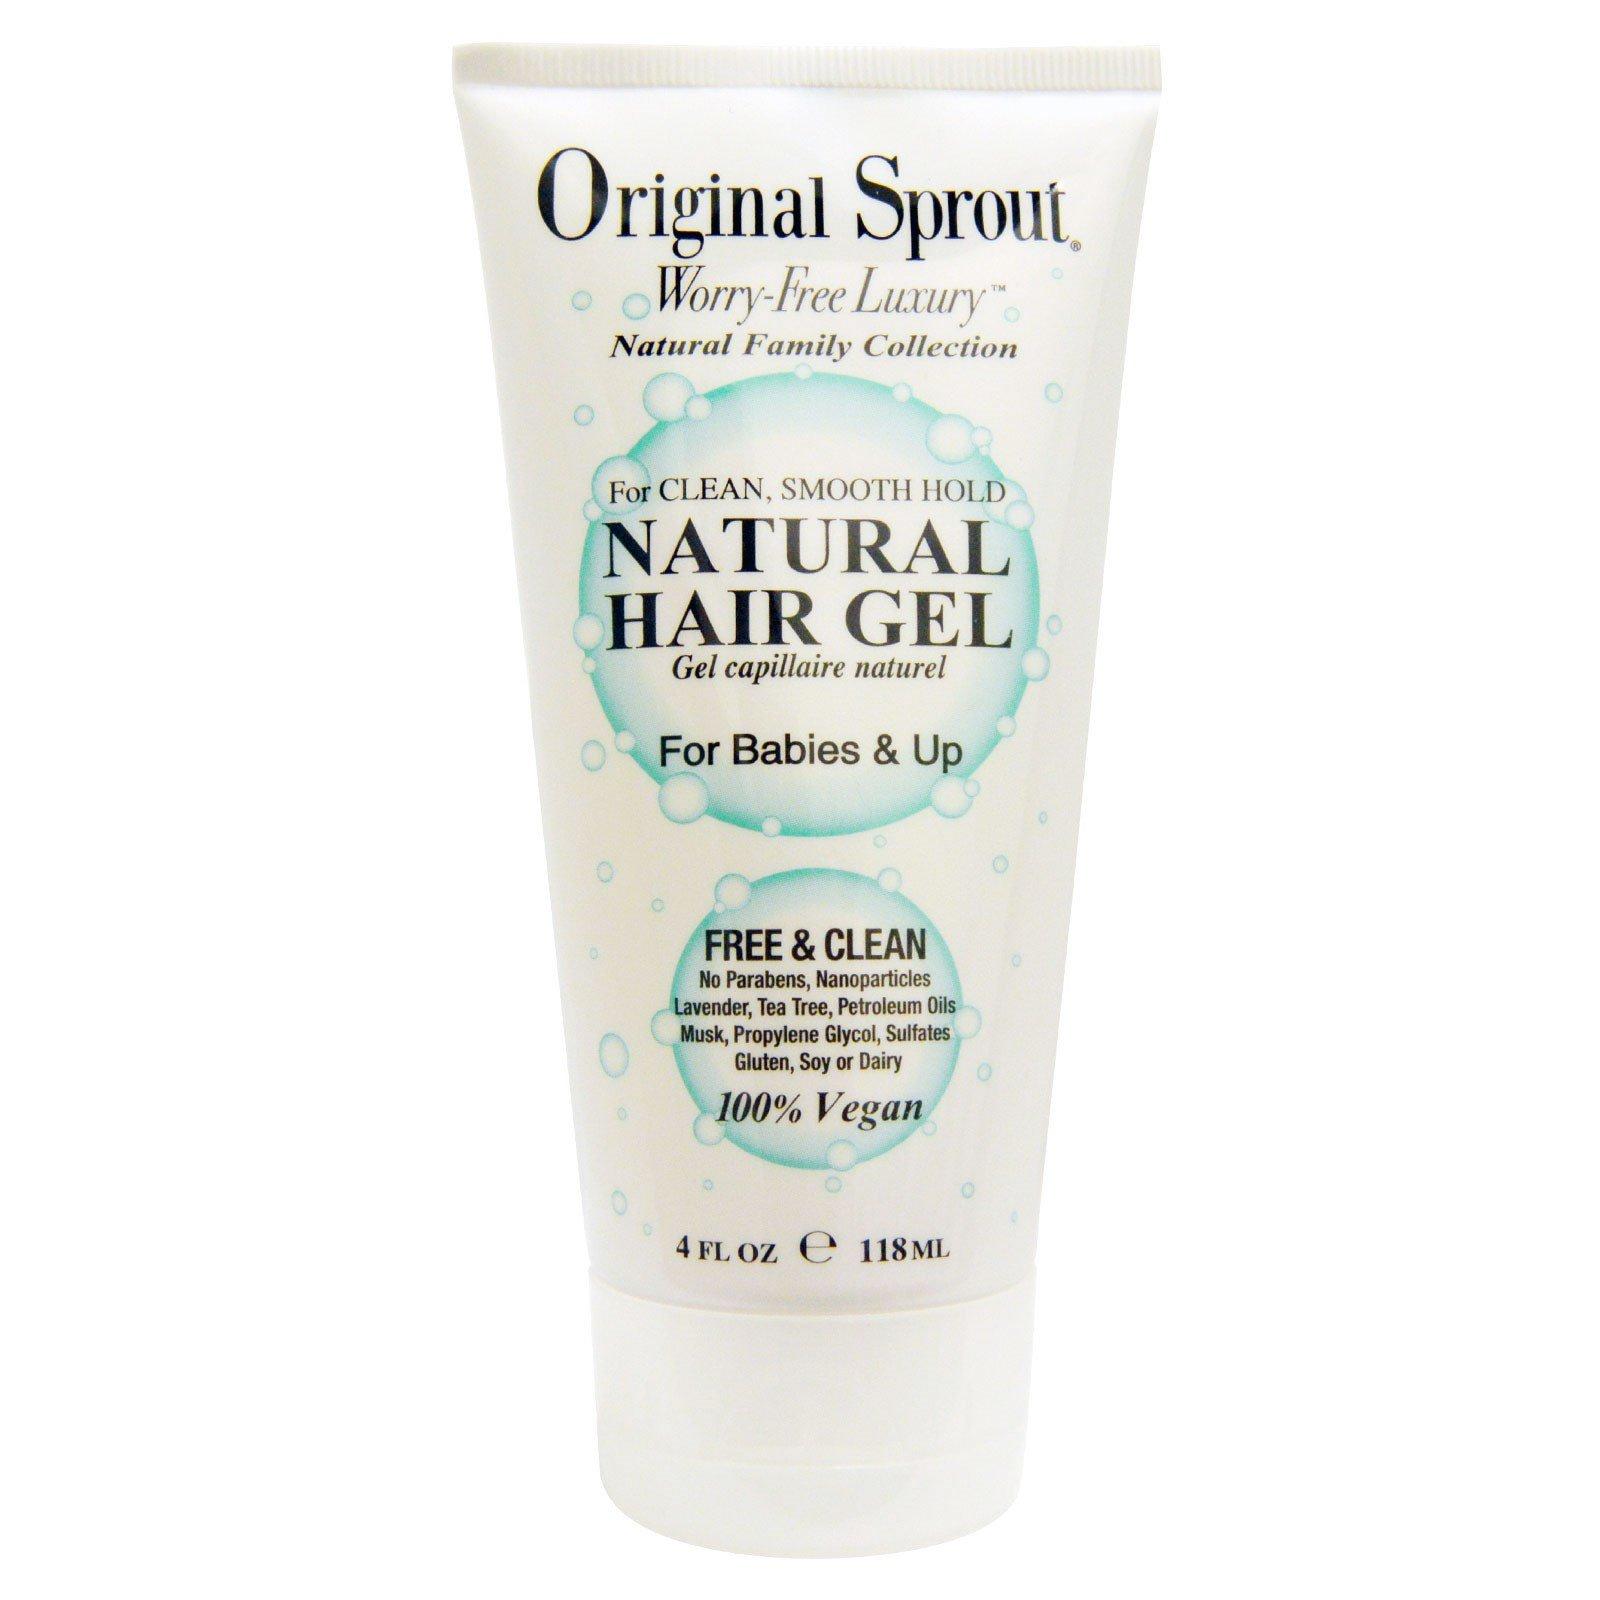 Original Sprout Inc, Натуральный гель для волос, для младенцев и старше, 4 жидких унции (118 мл)